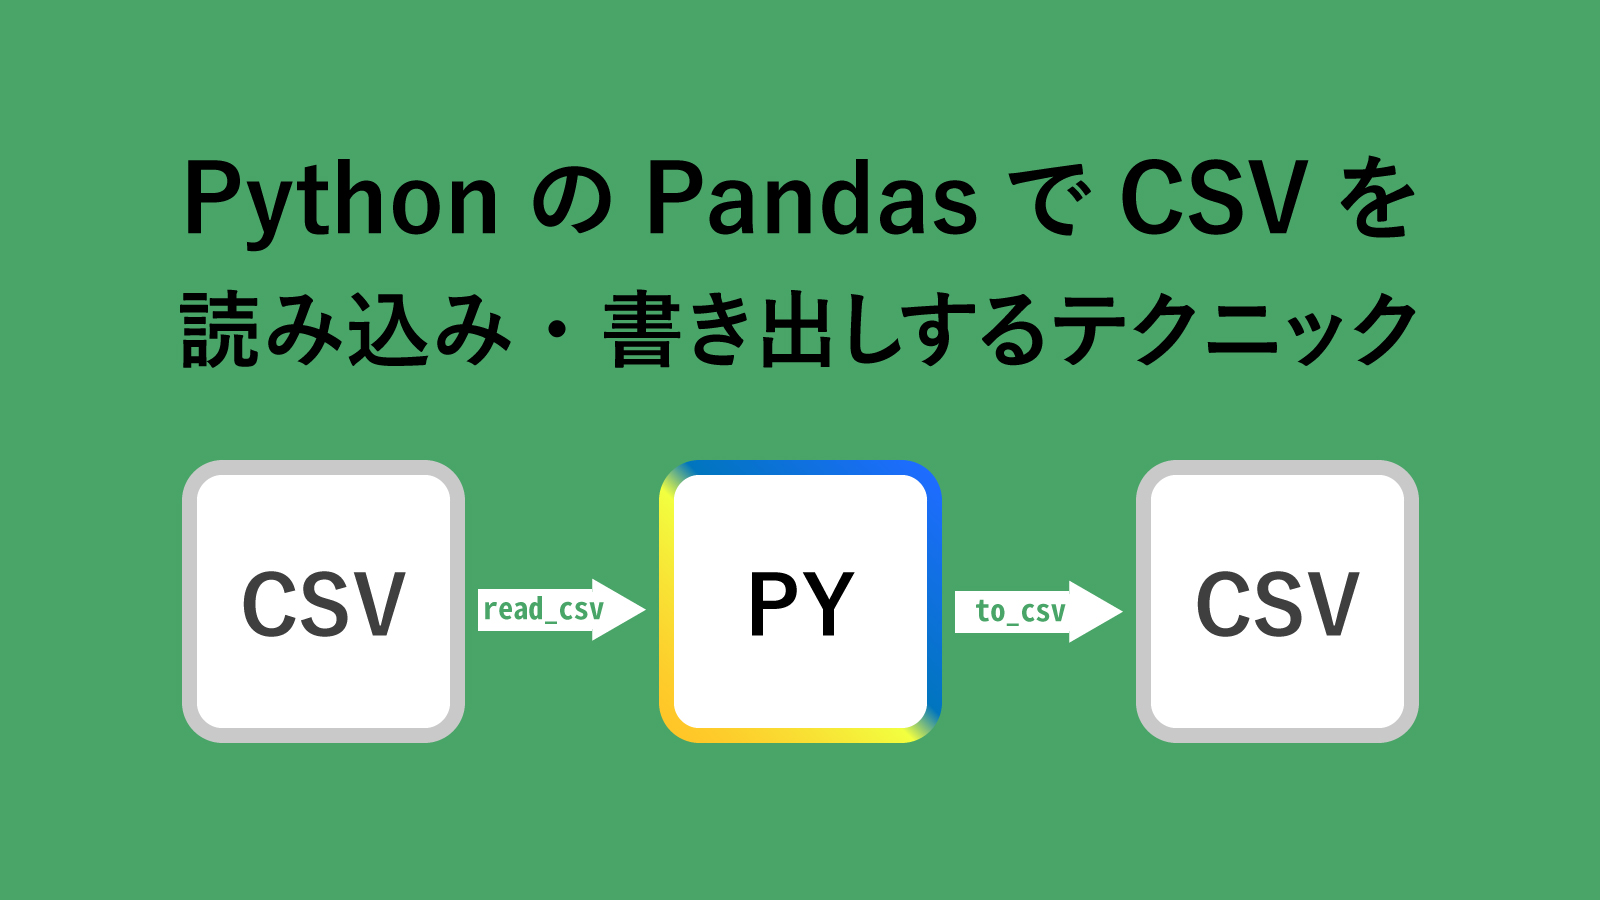 【Python】PandasでCSVファイルを読み込み/書き出しする実践テクニック集